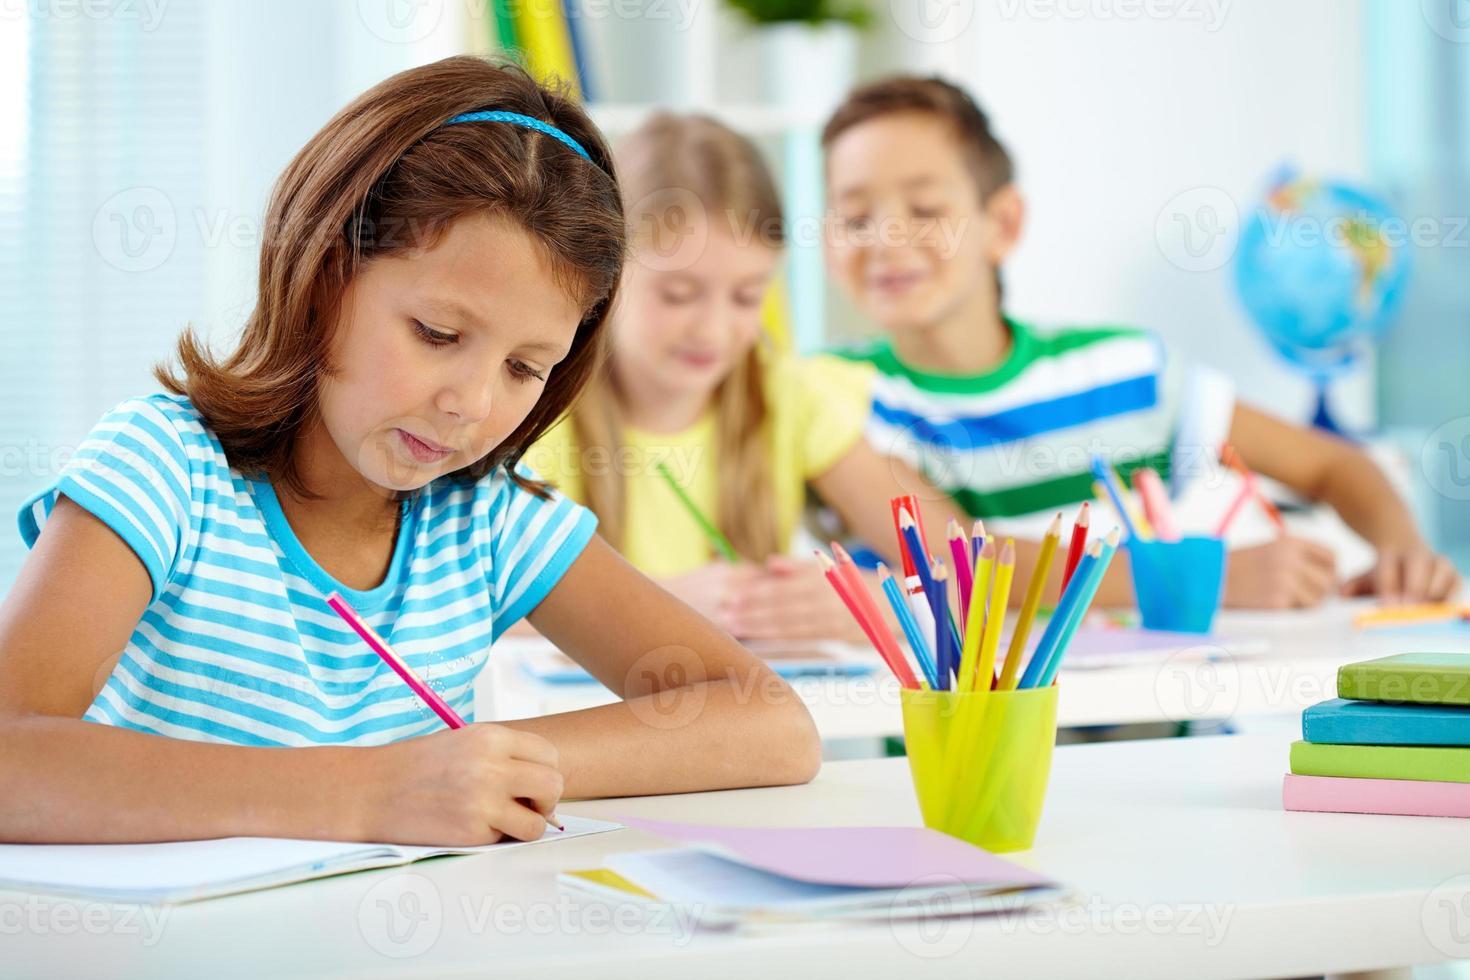 skolflicka på ritlektion foto